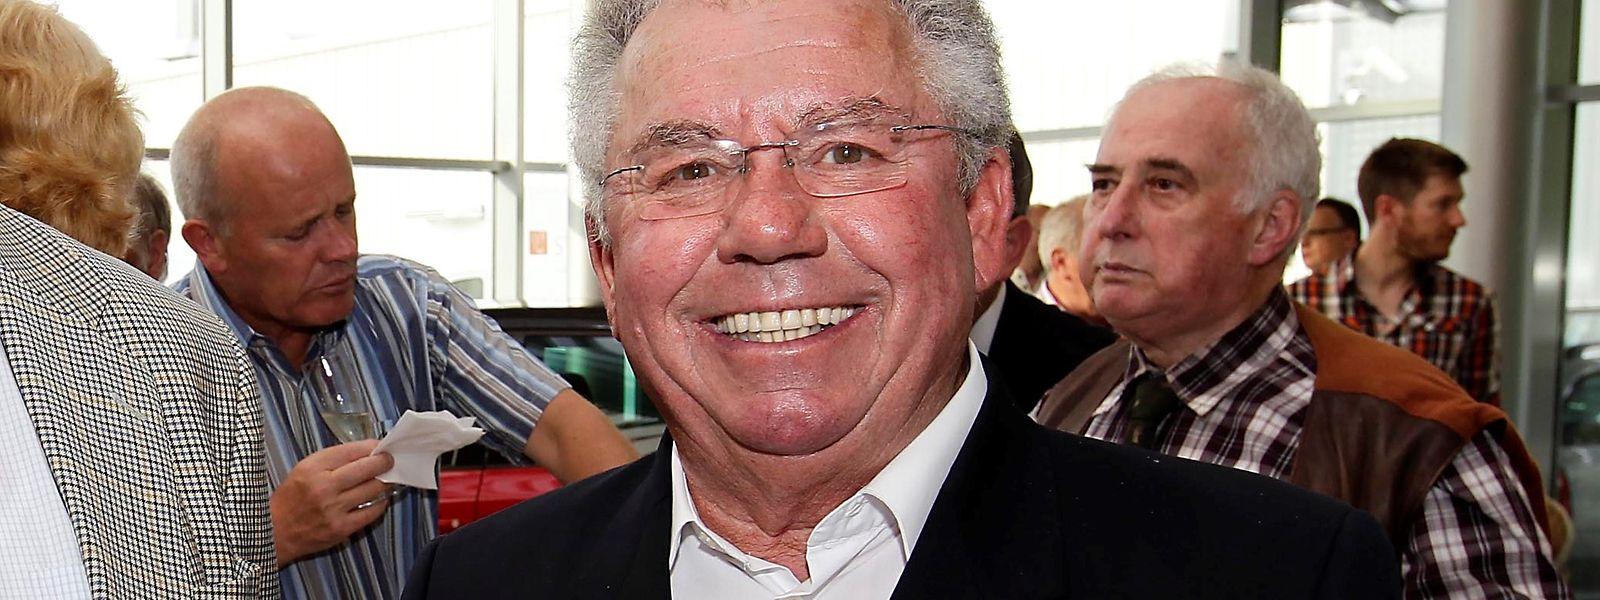 Josy Scuri bei einem Empfang vor acht Jahren in Bereldingen.